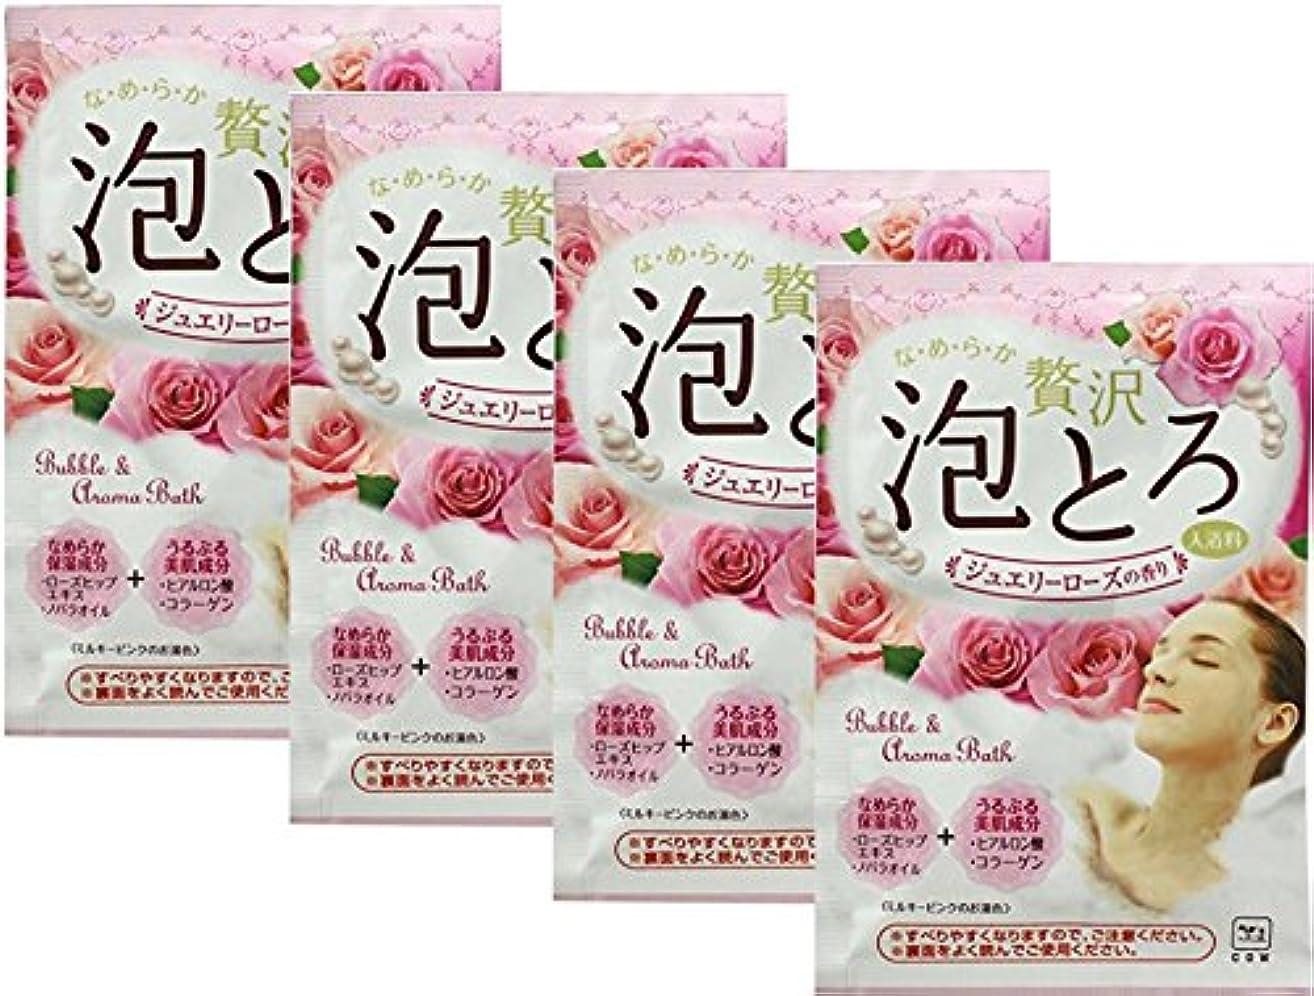 クマノミうなる未亡人牛乳石鹸共進社 贅沢泡とろ 入浴料 ジュエリーローズの香り 30g 【4点セット】